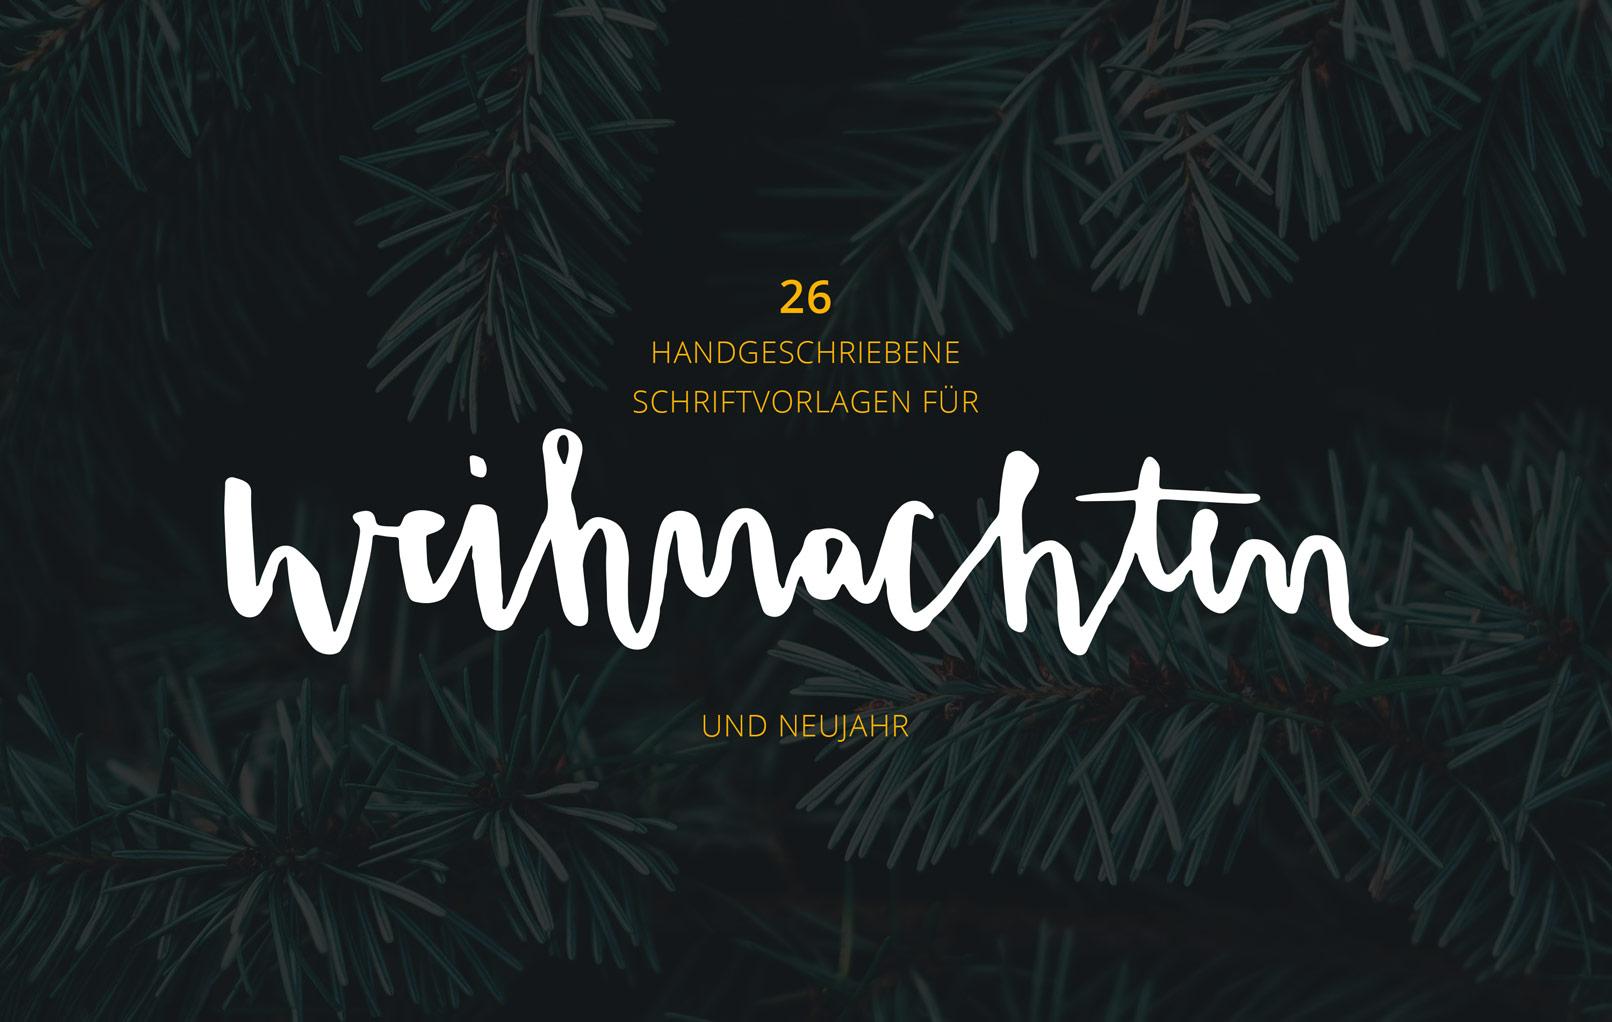 Handletterings zum Download für Weihnachten